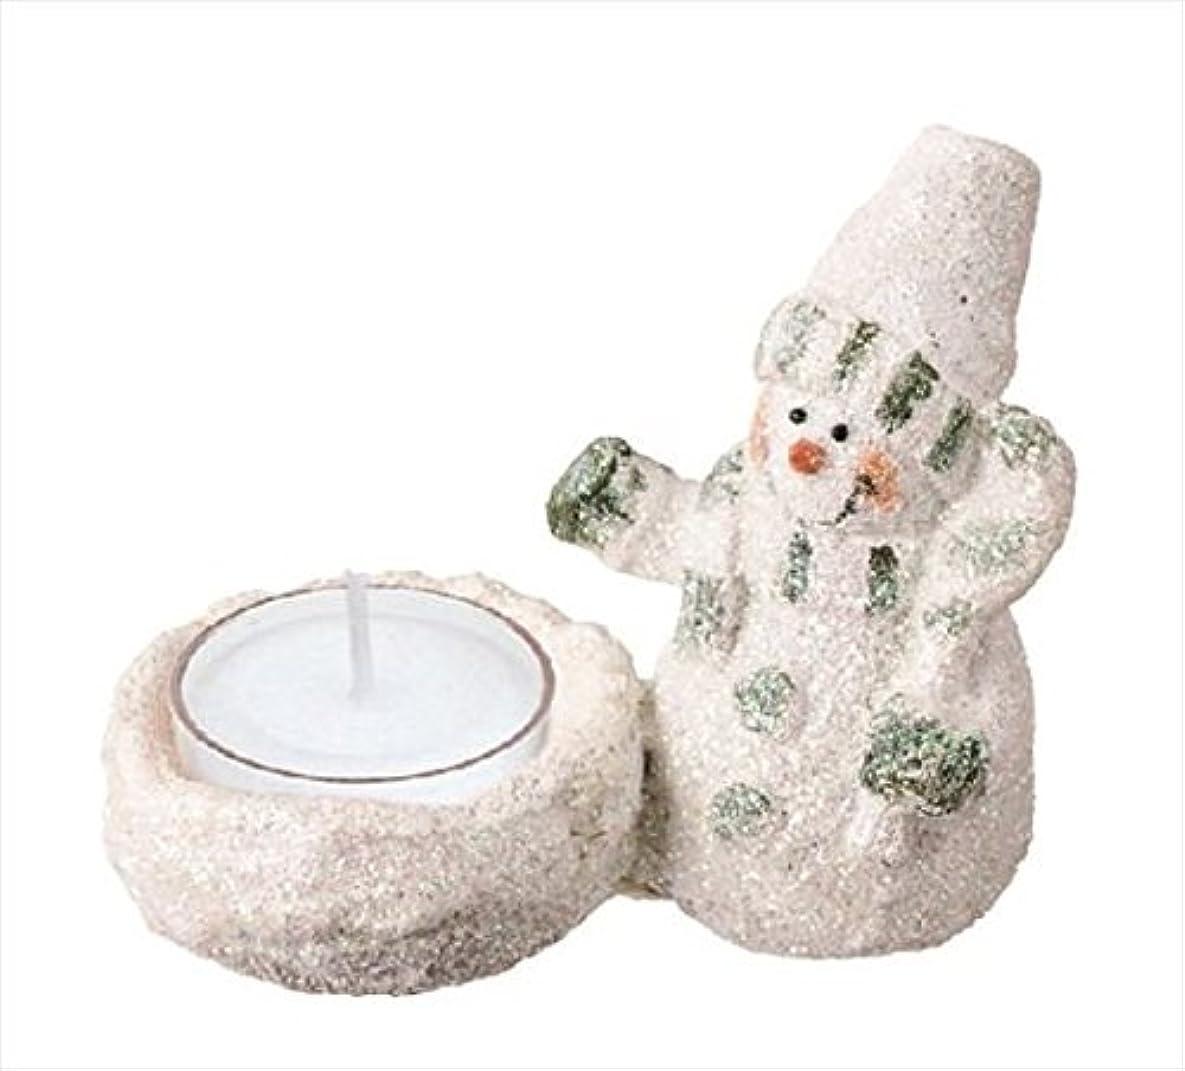 kameyama candle(カメヤマキャンドル) グリッタースノーマンホルダー 「 グリーン 」(J5520000G)